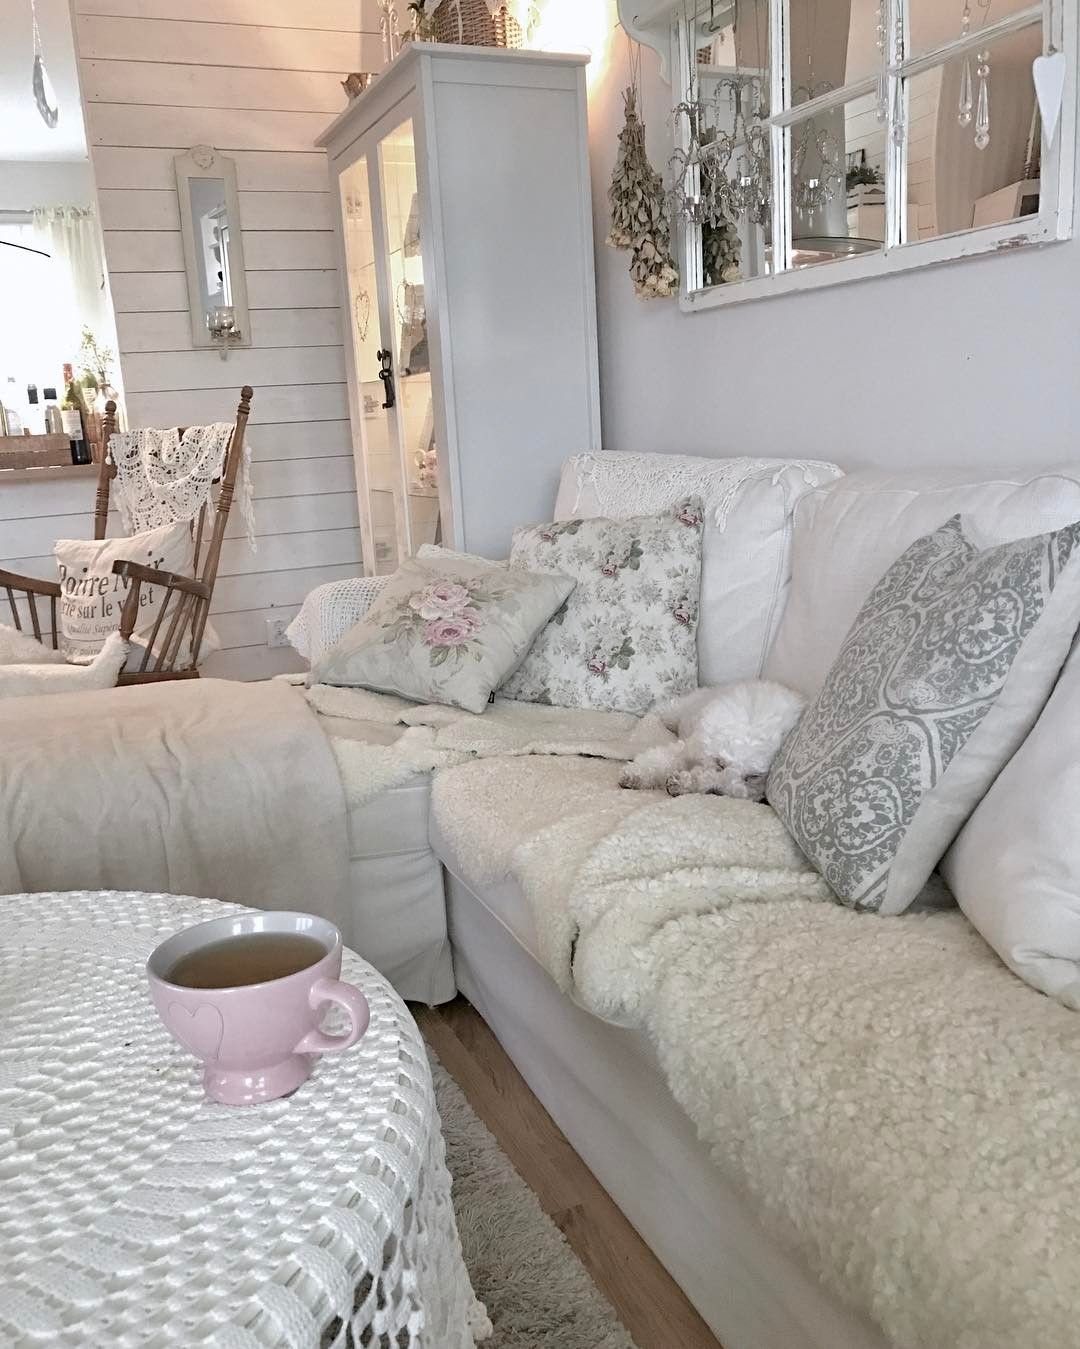 Söndags chill med en kopp te och skidåkning på tv ☺ #interiordesign #inredning #white #vitt  #bichonfrise #te #tea #söndag #sunday